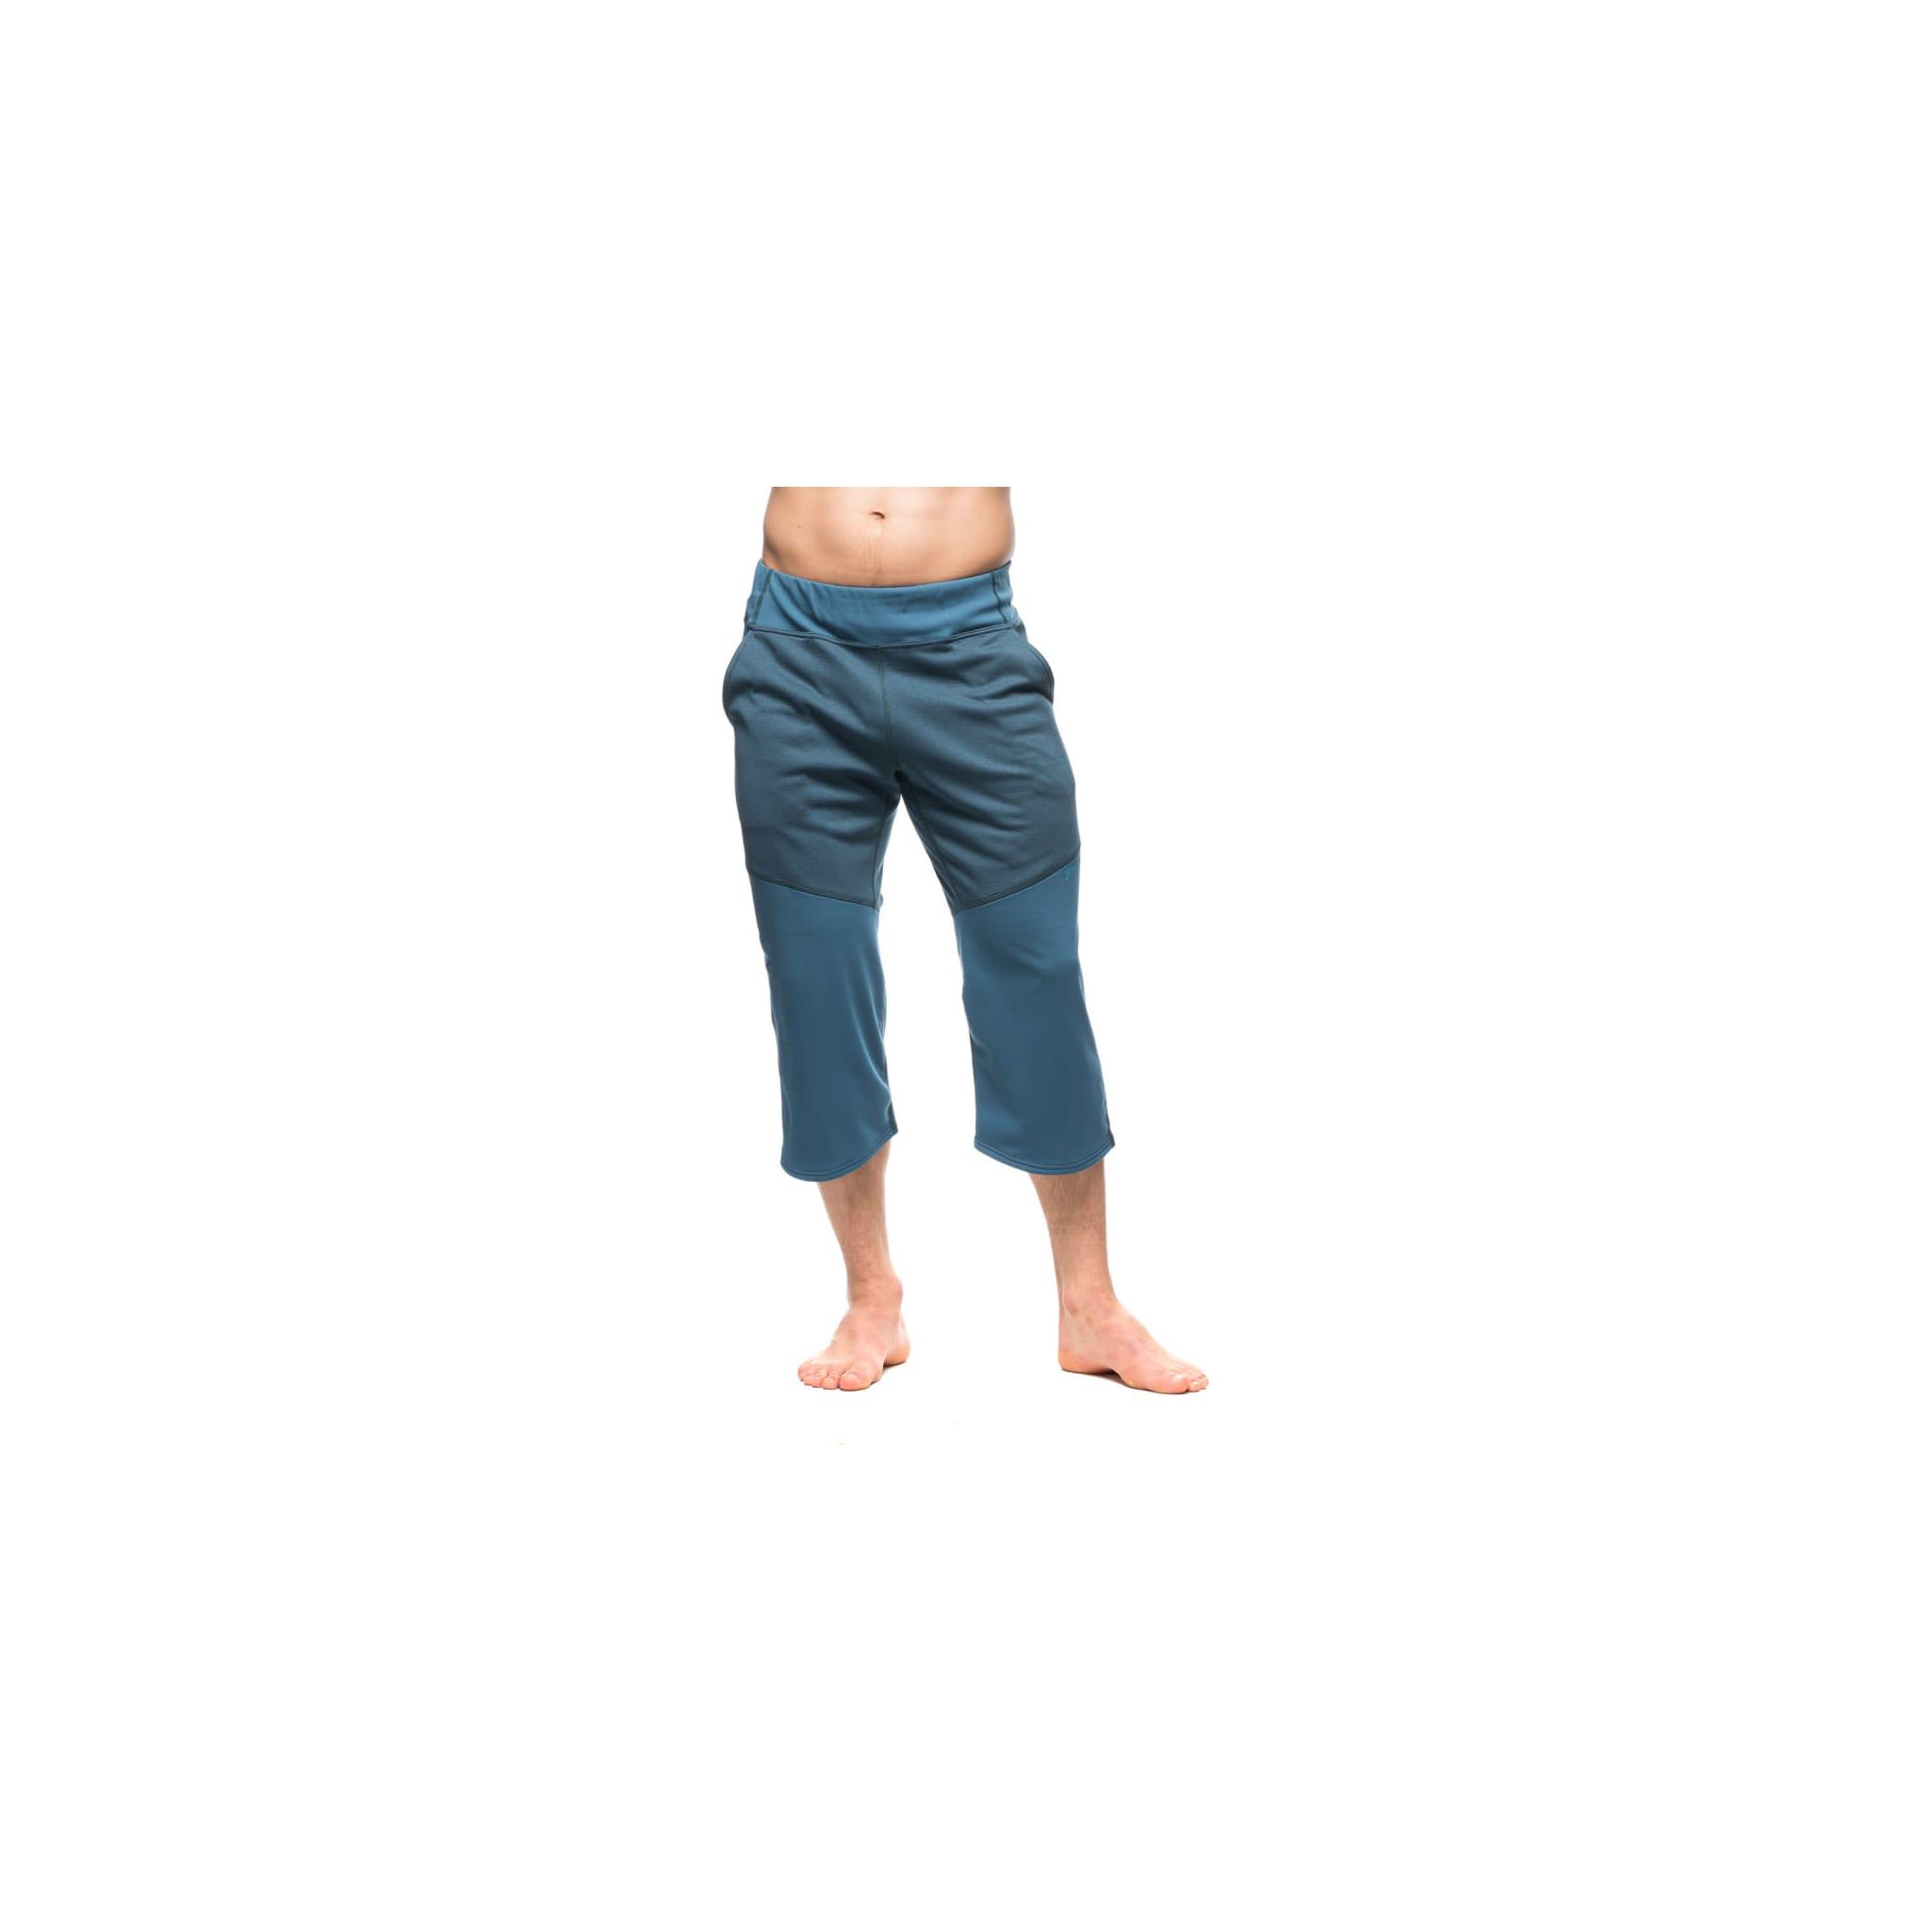 Ms Phantom Shorts